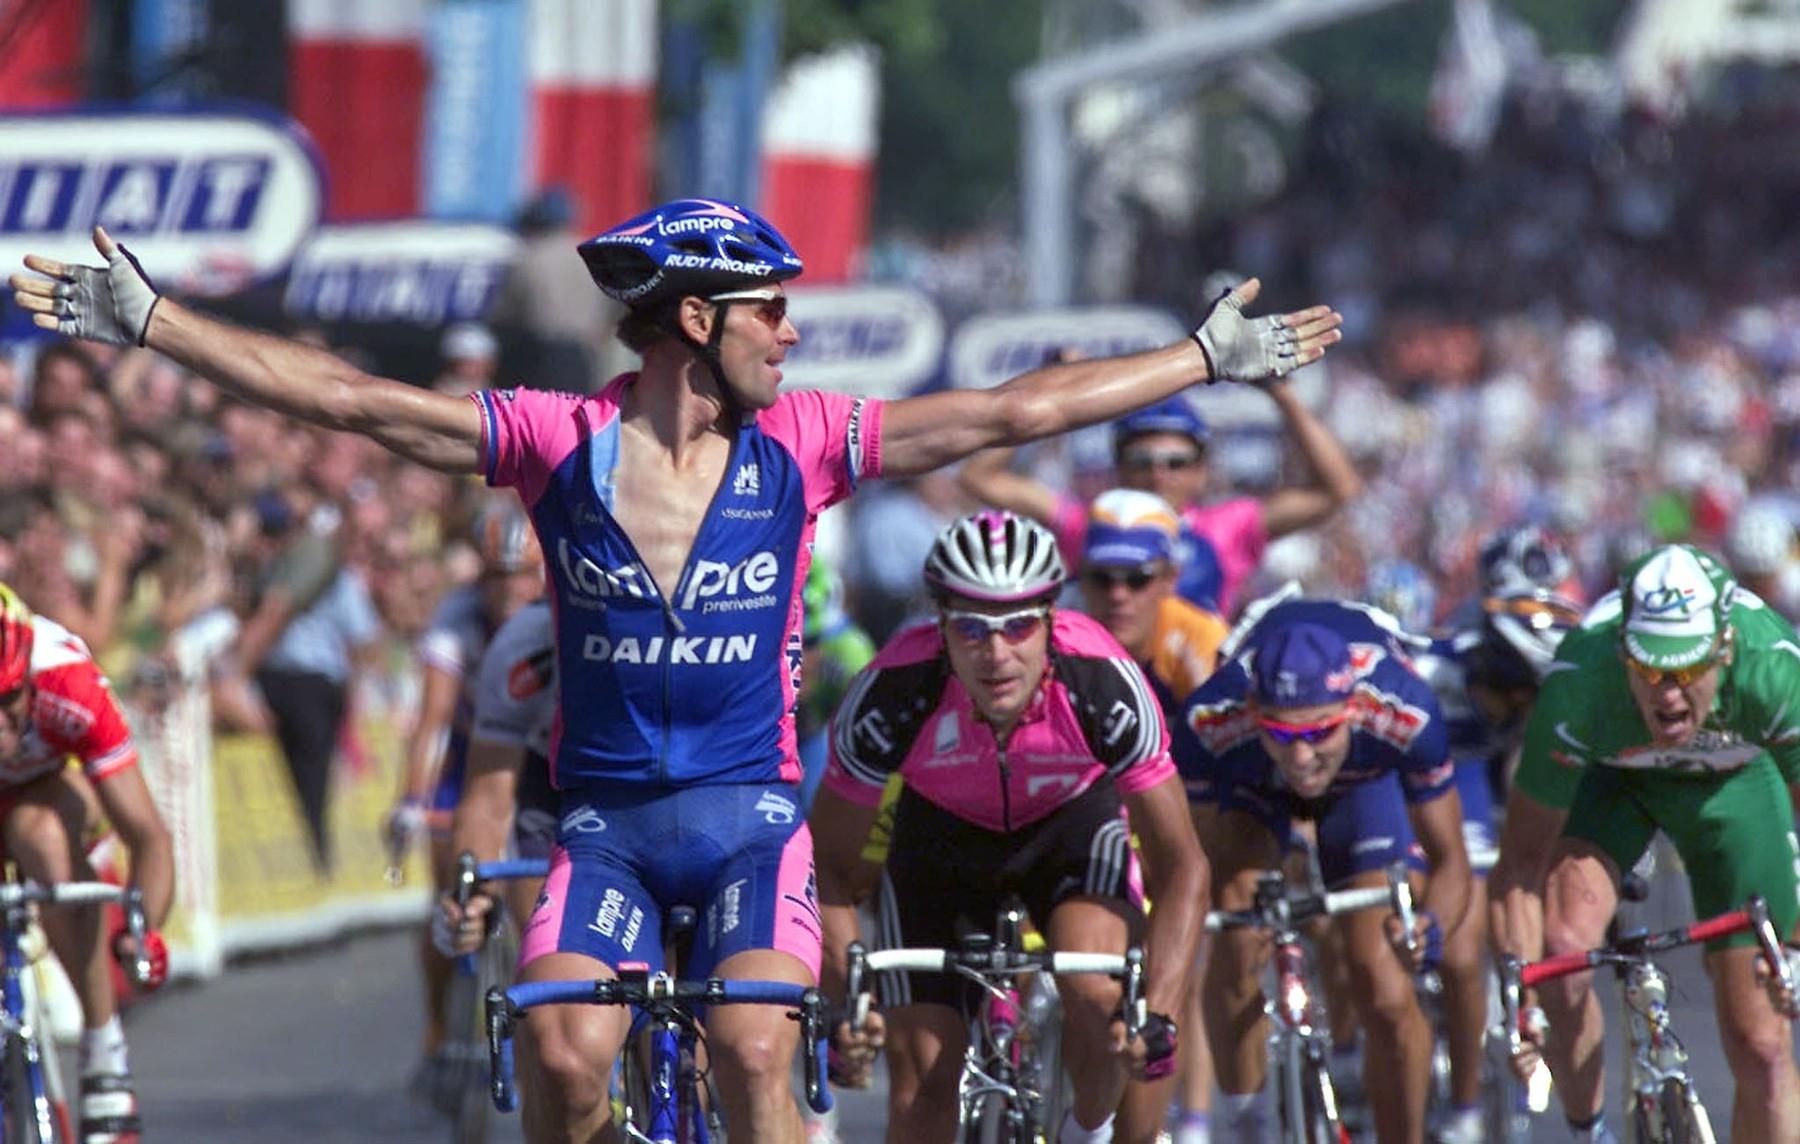 Den, který se zapsal do historie české cyklistiky. Ján Svorada 29. července 2001 vyhrává závěrečnou etapu na Tour de France. Foto: profimedia